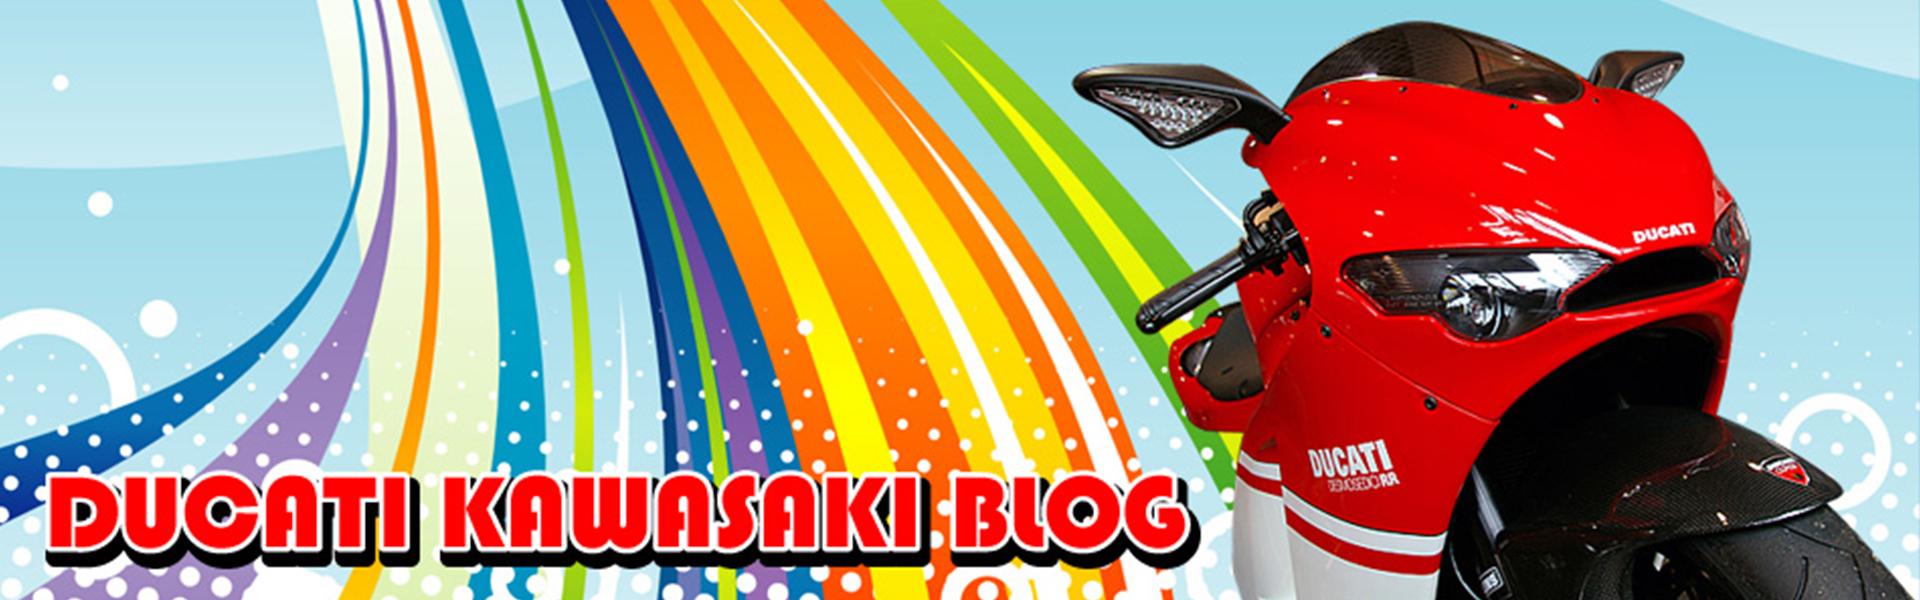 Ducati Kawasaki Blog